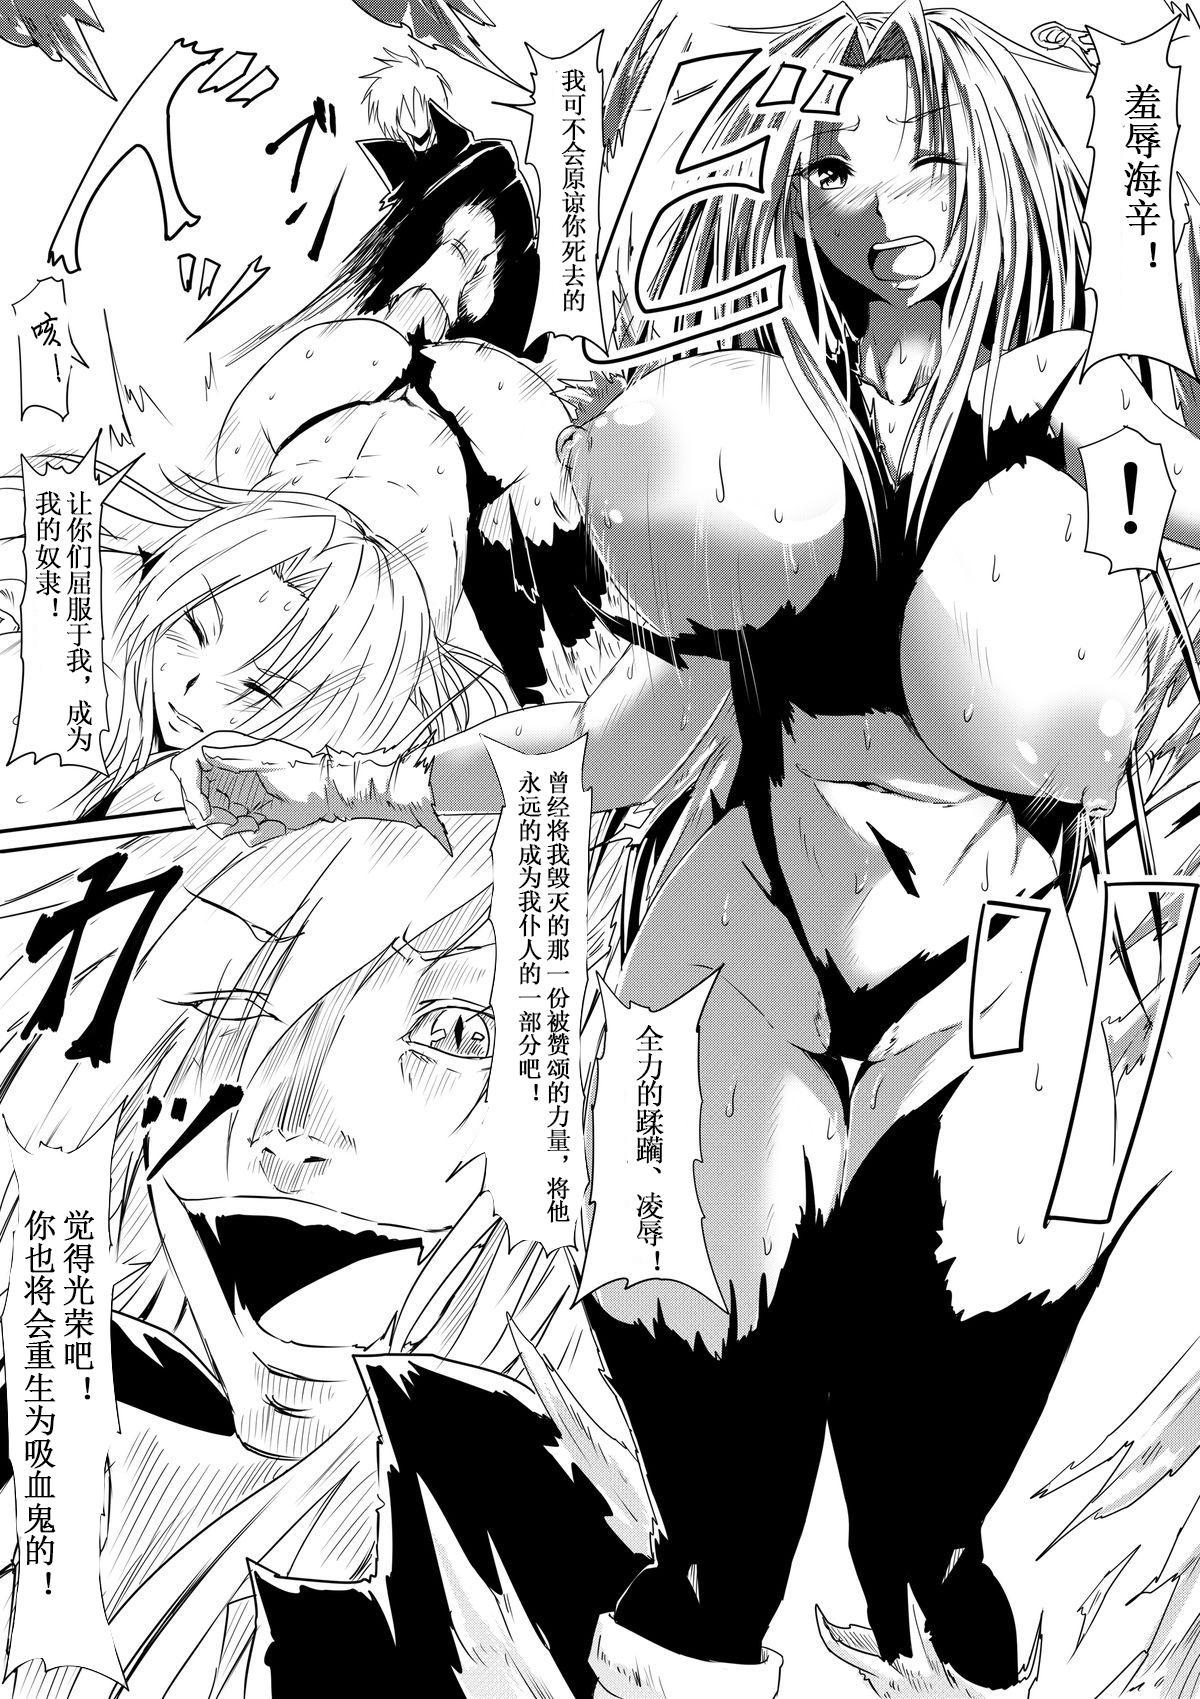 Kyuuketsuki ni Kanzen Haiboku Shita Vanpire Hunter Oyako ga Musuko no Mae de Okasare Kyuuketsuki-ka Shite Shimau Haha no Hanashi 16